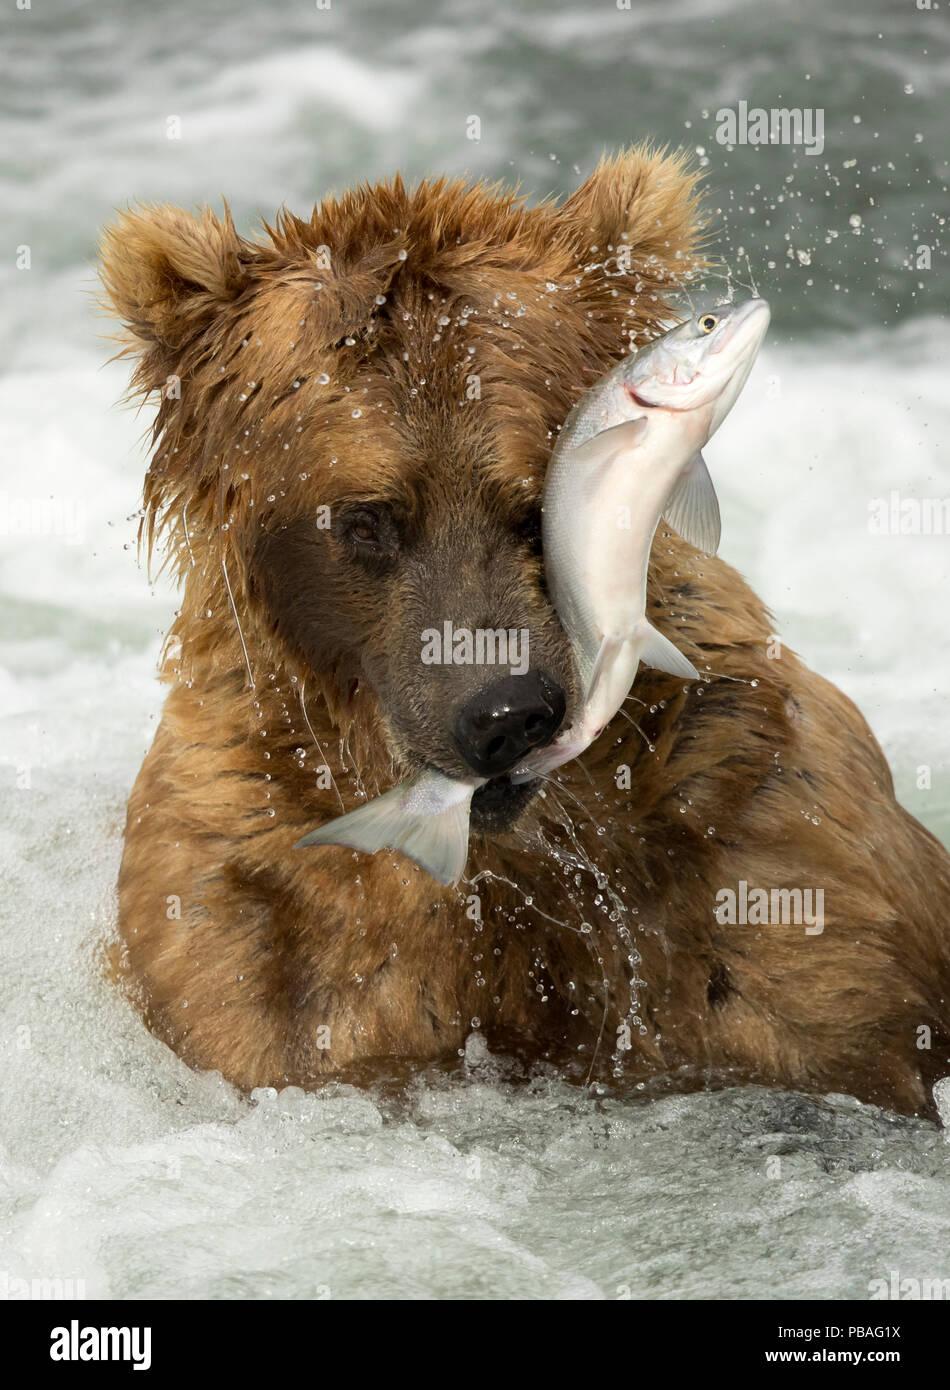 Oso grizzly (Ursus arctos) Coger un pez, Brooks cae en el Parque Nacional de Katmai, Alaska, EE.UU. Julio Imagen De Stock